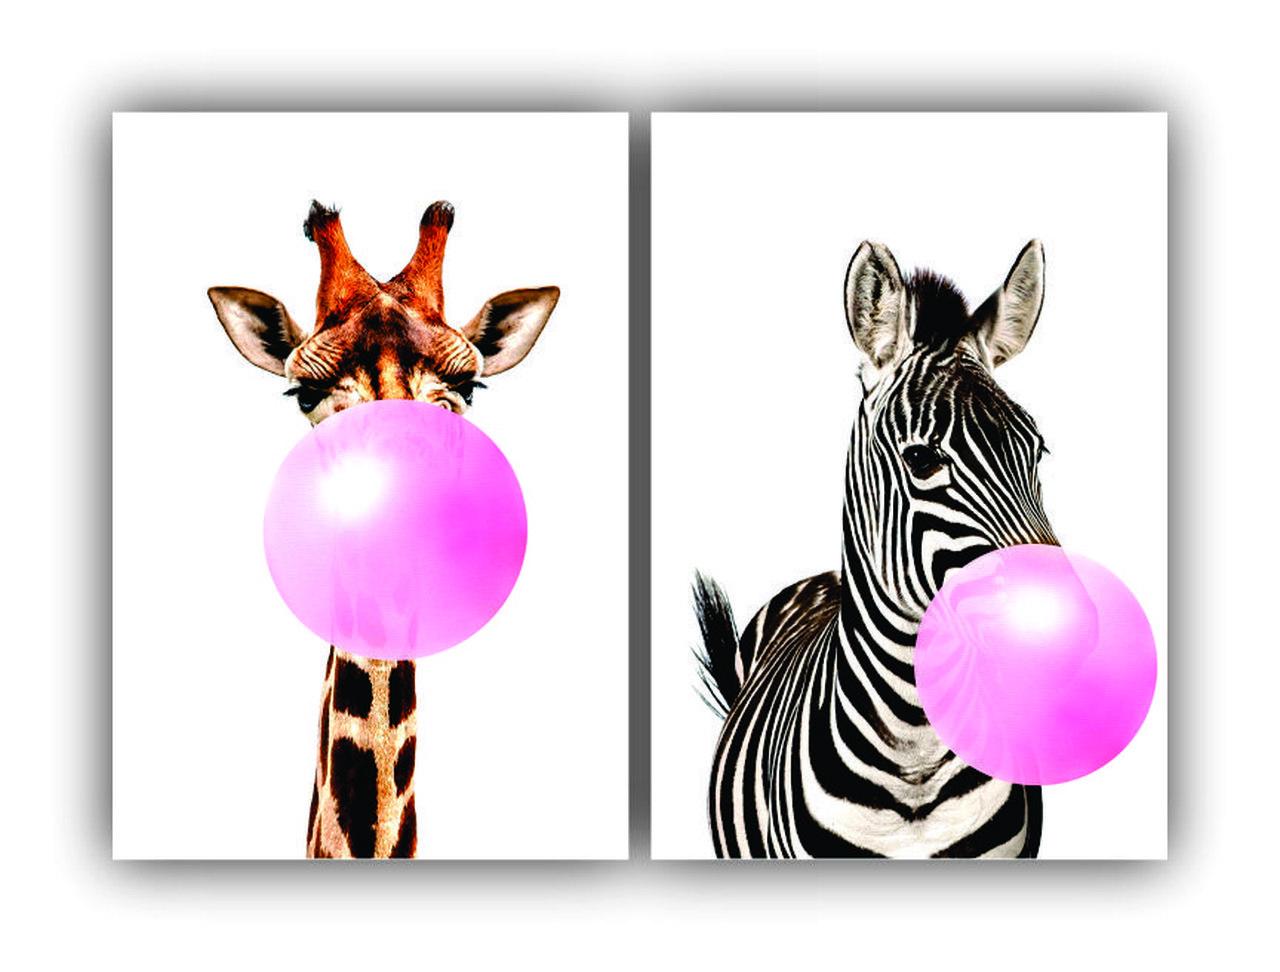 Quadro Girafa e Zebra com Chiclete - Kit 2 telas